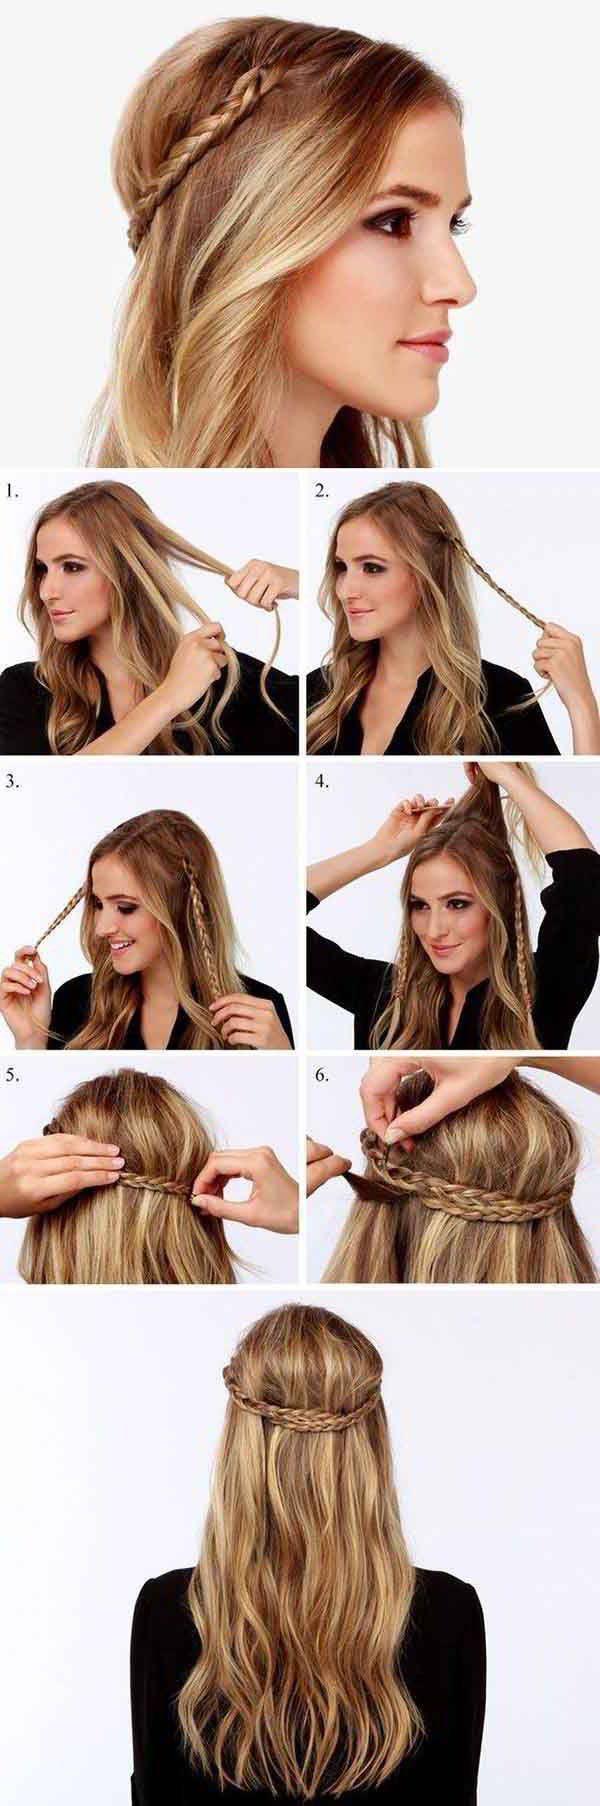 peinados con trenzas paso a paso - Buscar con Google #peinadosfaciles